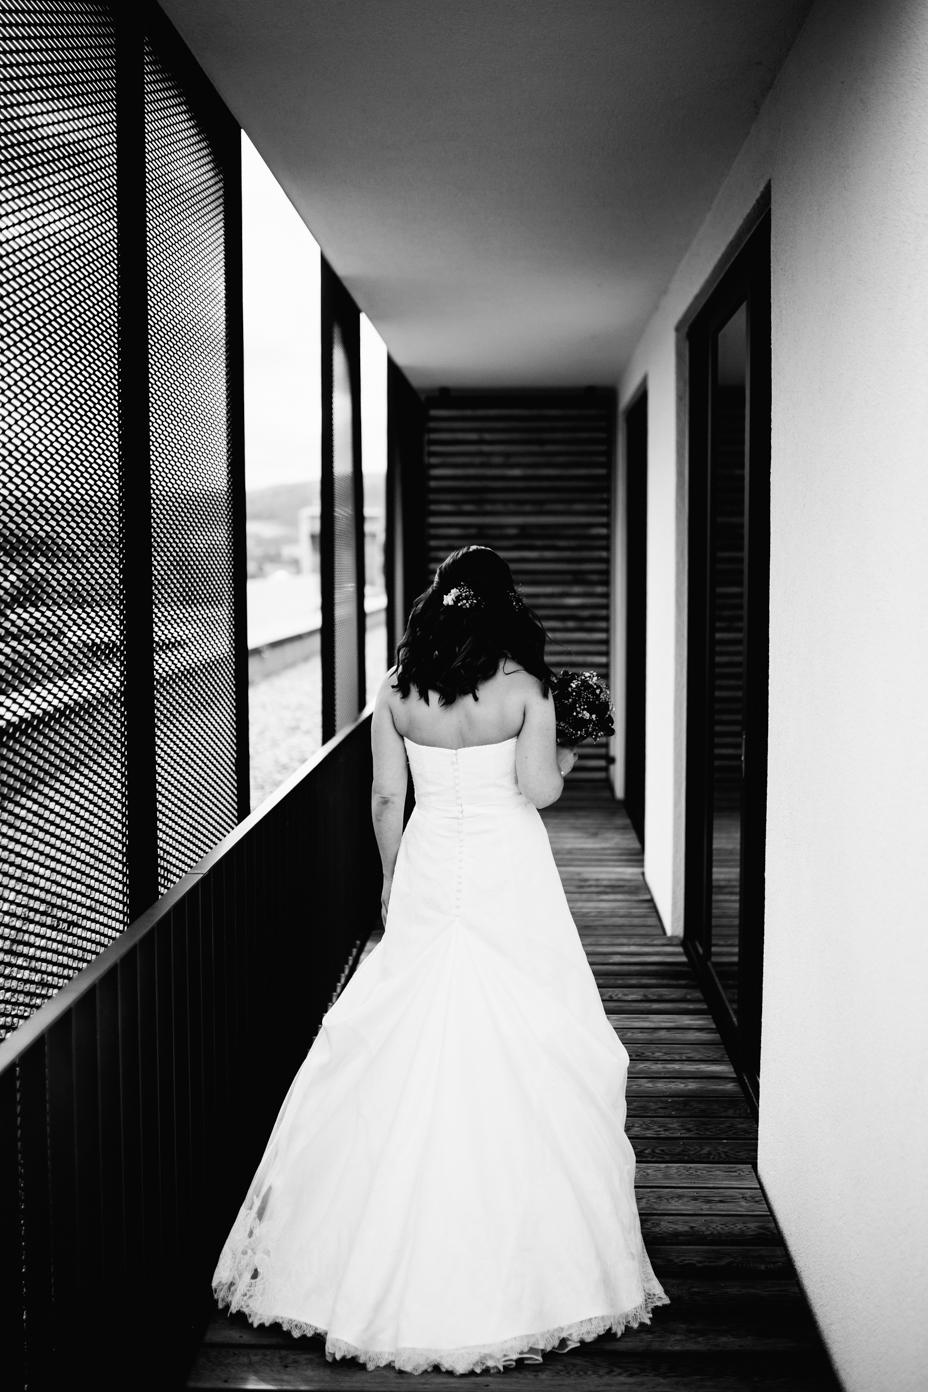 Hochzeitsfotograf-Kassel-Kloster Haydau-Morschen-Inka Englisch Photography-Hochzeitsreportage-Aue-Wedding-Photographer-Lifestyle-Storytelling-14